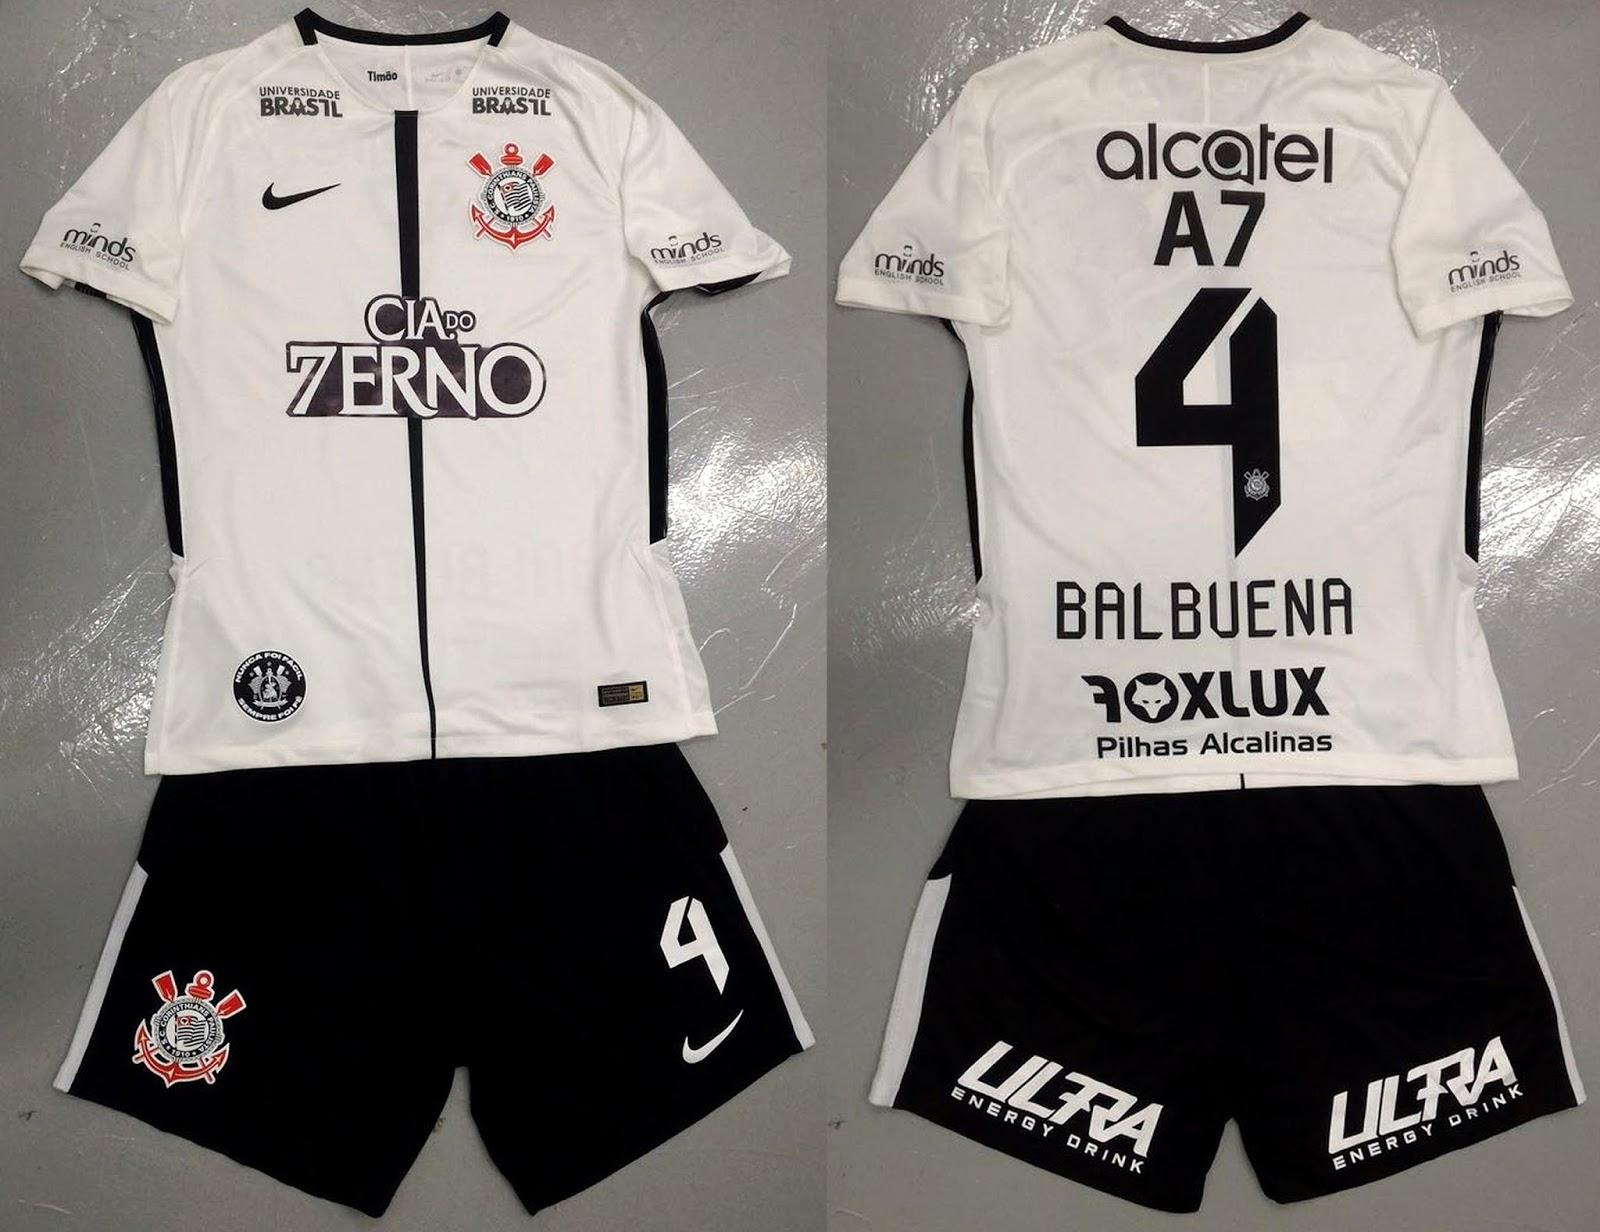 Patrocinadores fazem homenagem ao título de hepta na camisa do Corinthians 11b074d7e2fe6